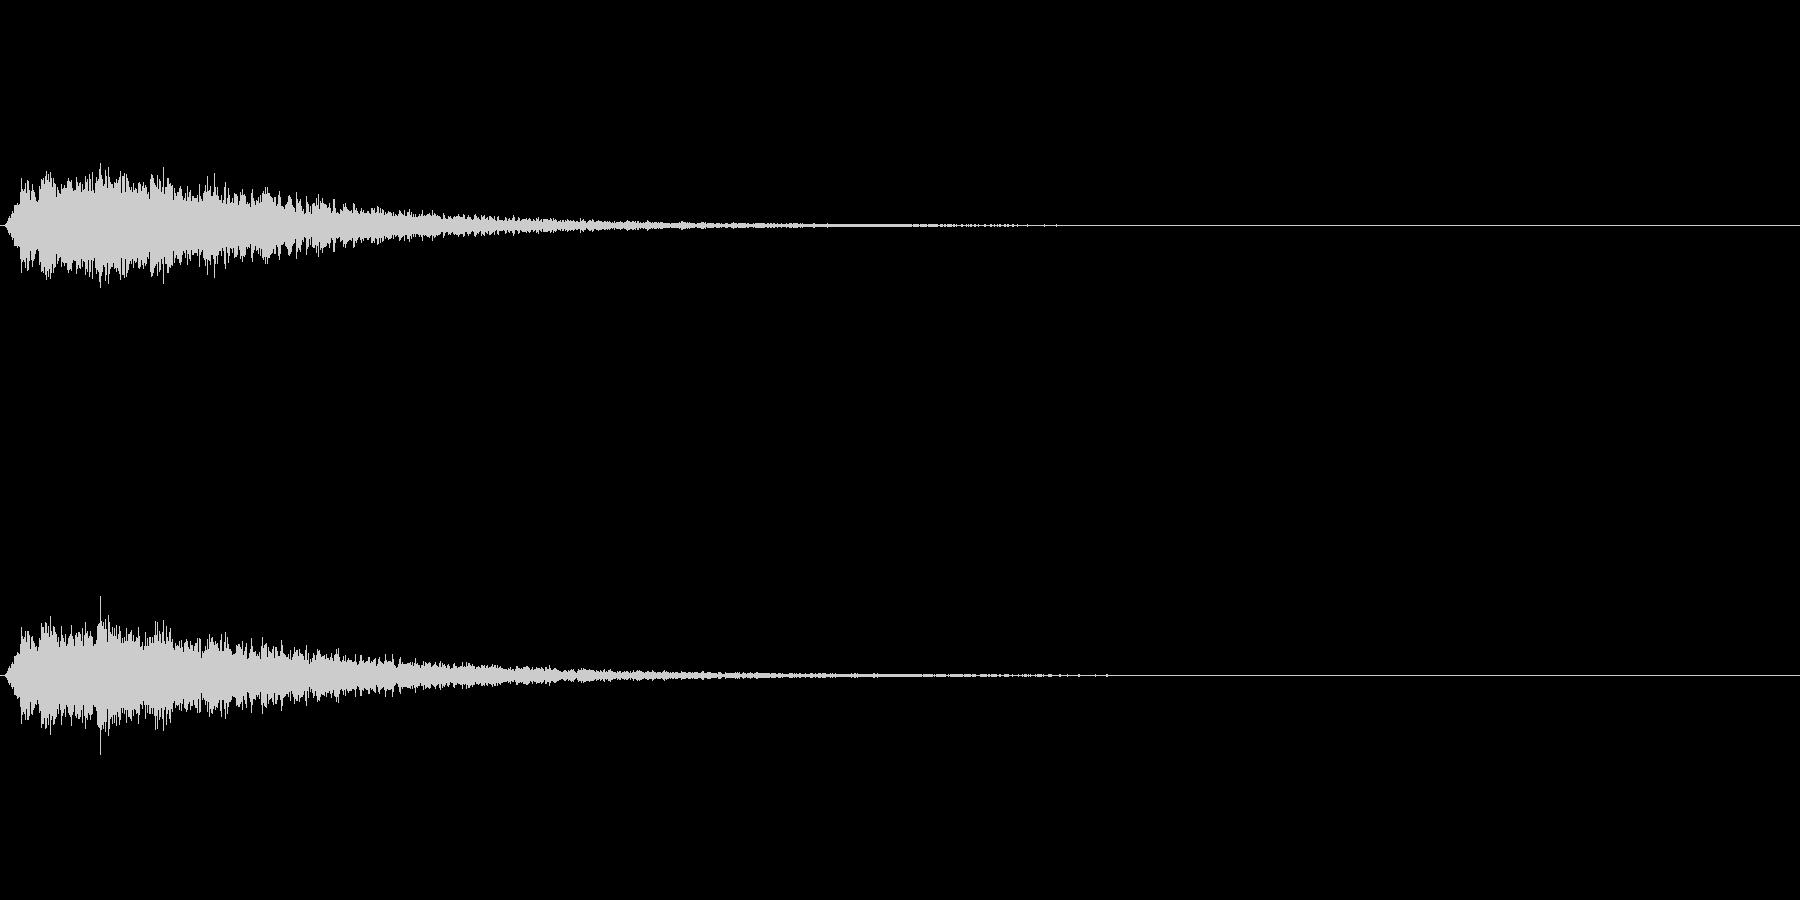 ベルツリー (シャンシャンシャンシャン…の未再生の波形